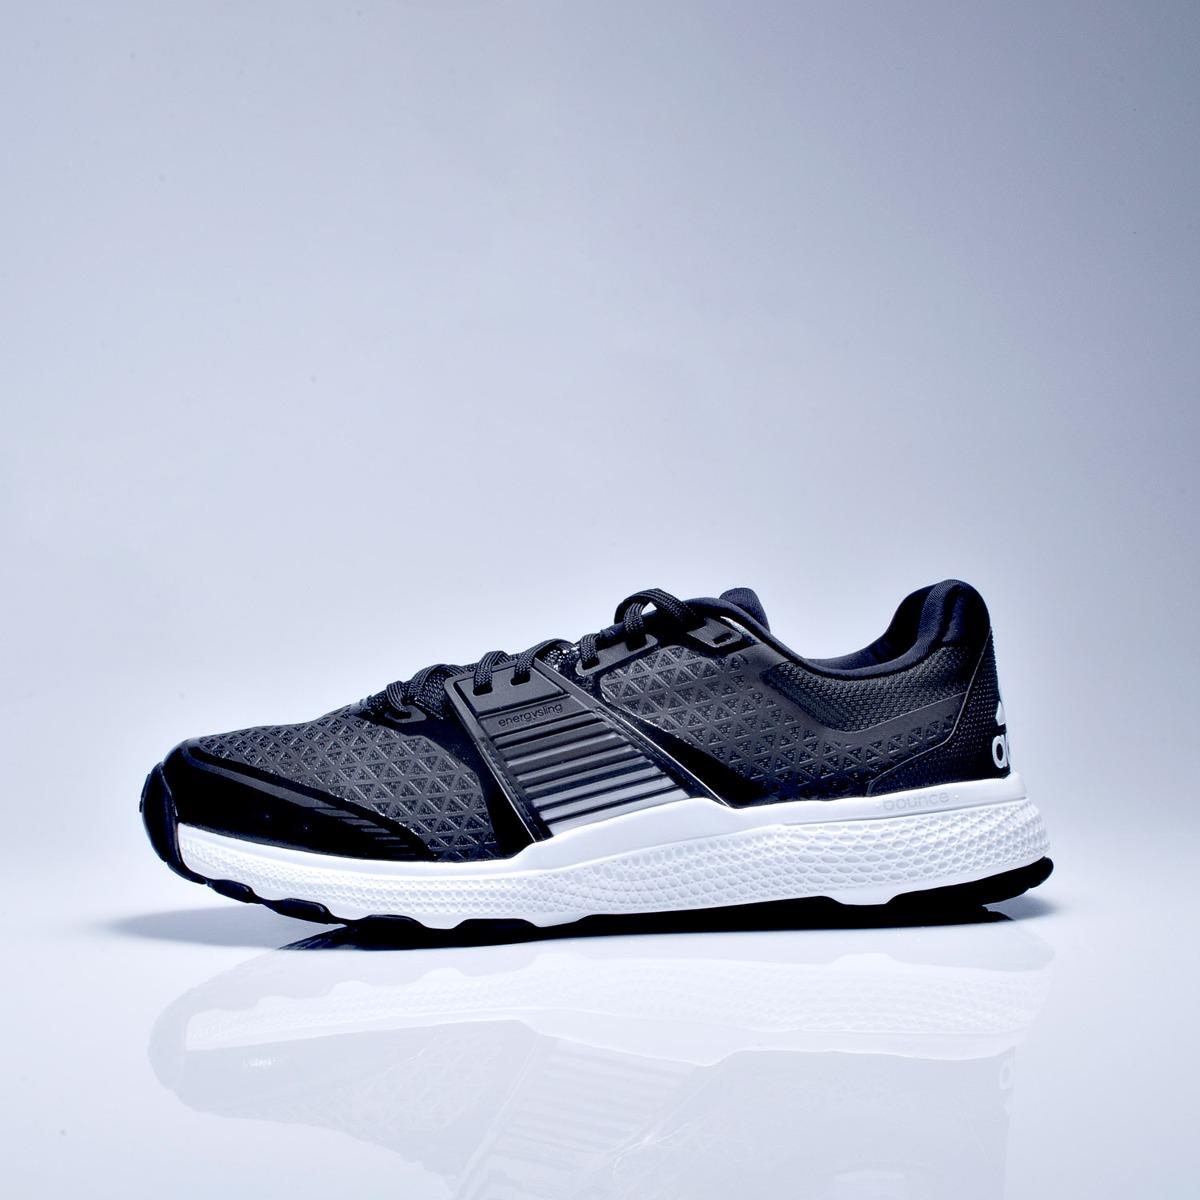 5fa92d893db Zapatillas adidas Crazytrain Bounce-af6037- adidas Performan ...